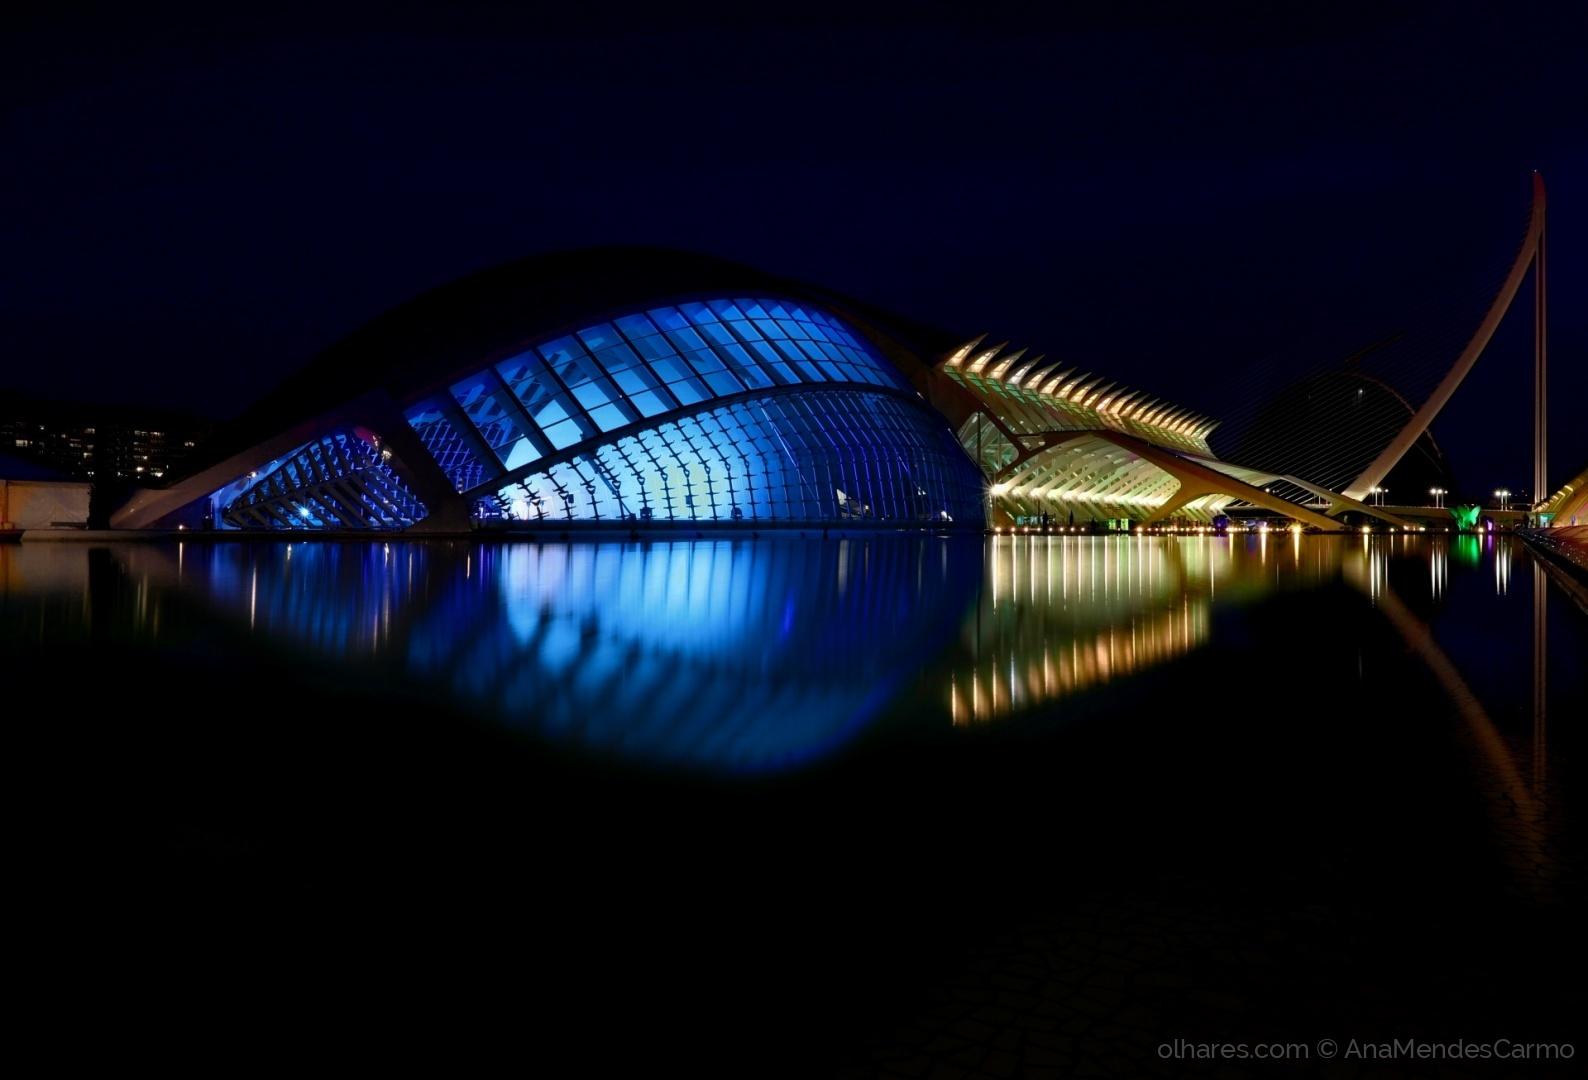 Arquitetura/Cidade das Artes e da Ciencia